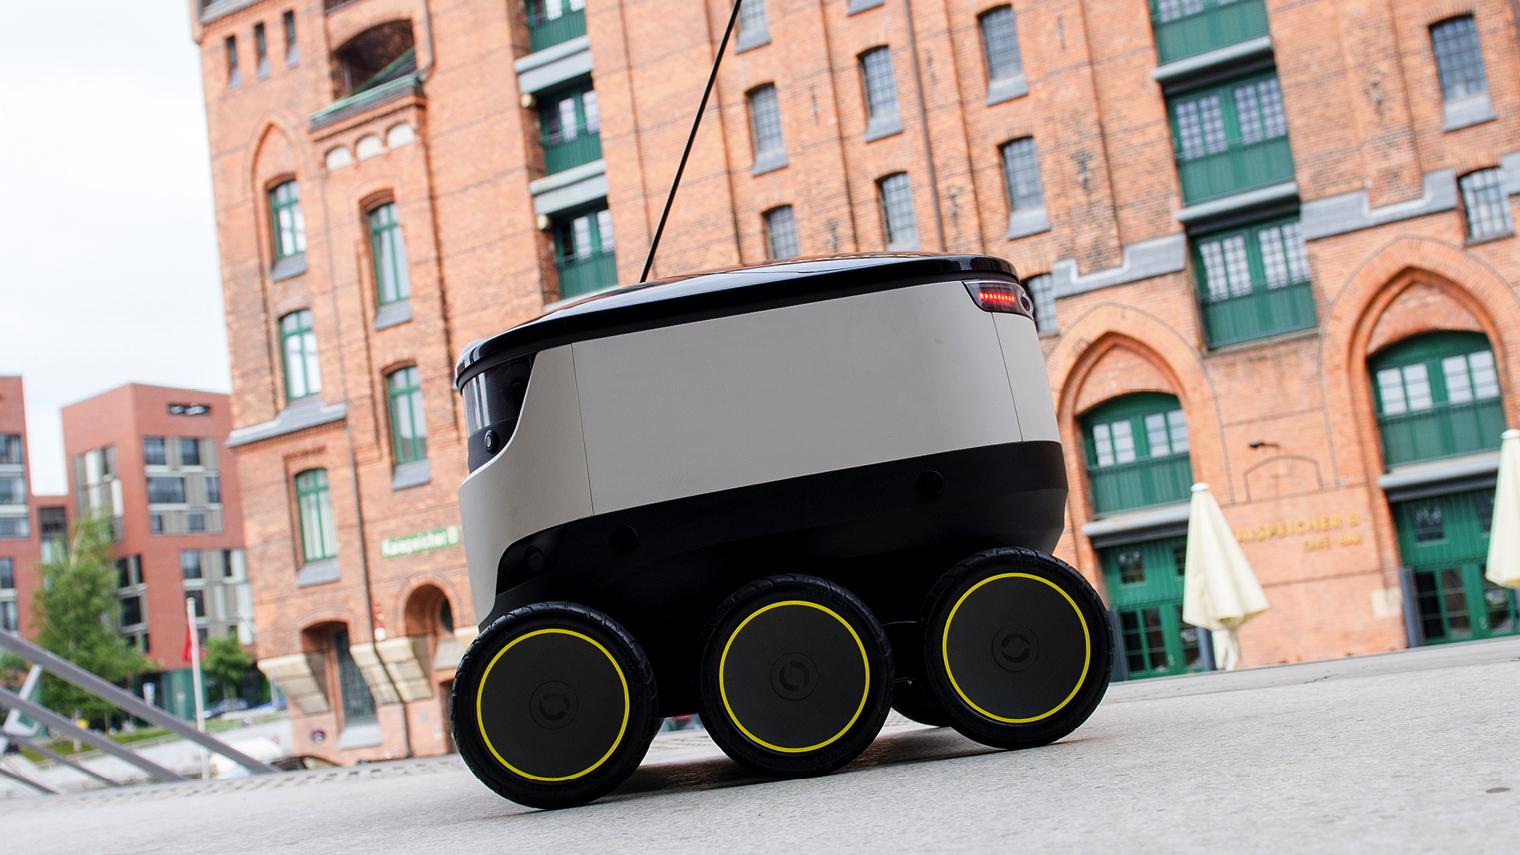 Hermes robot for last-mile logistics